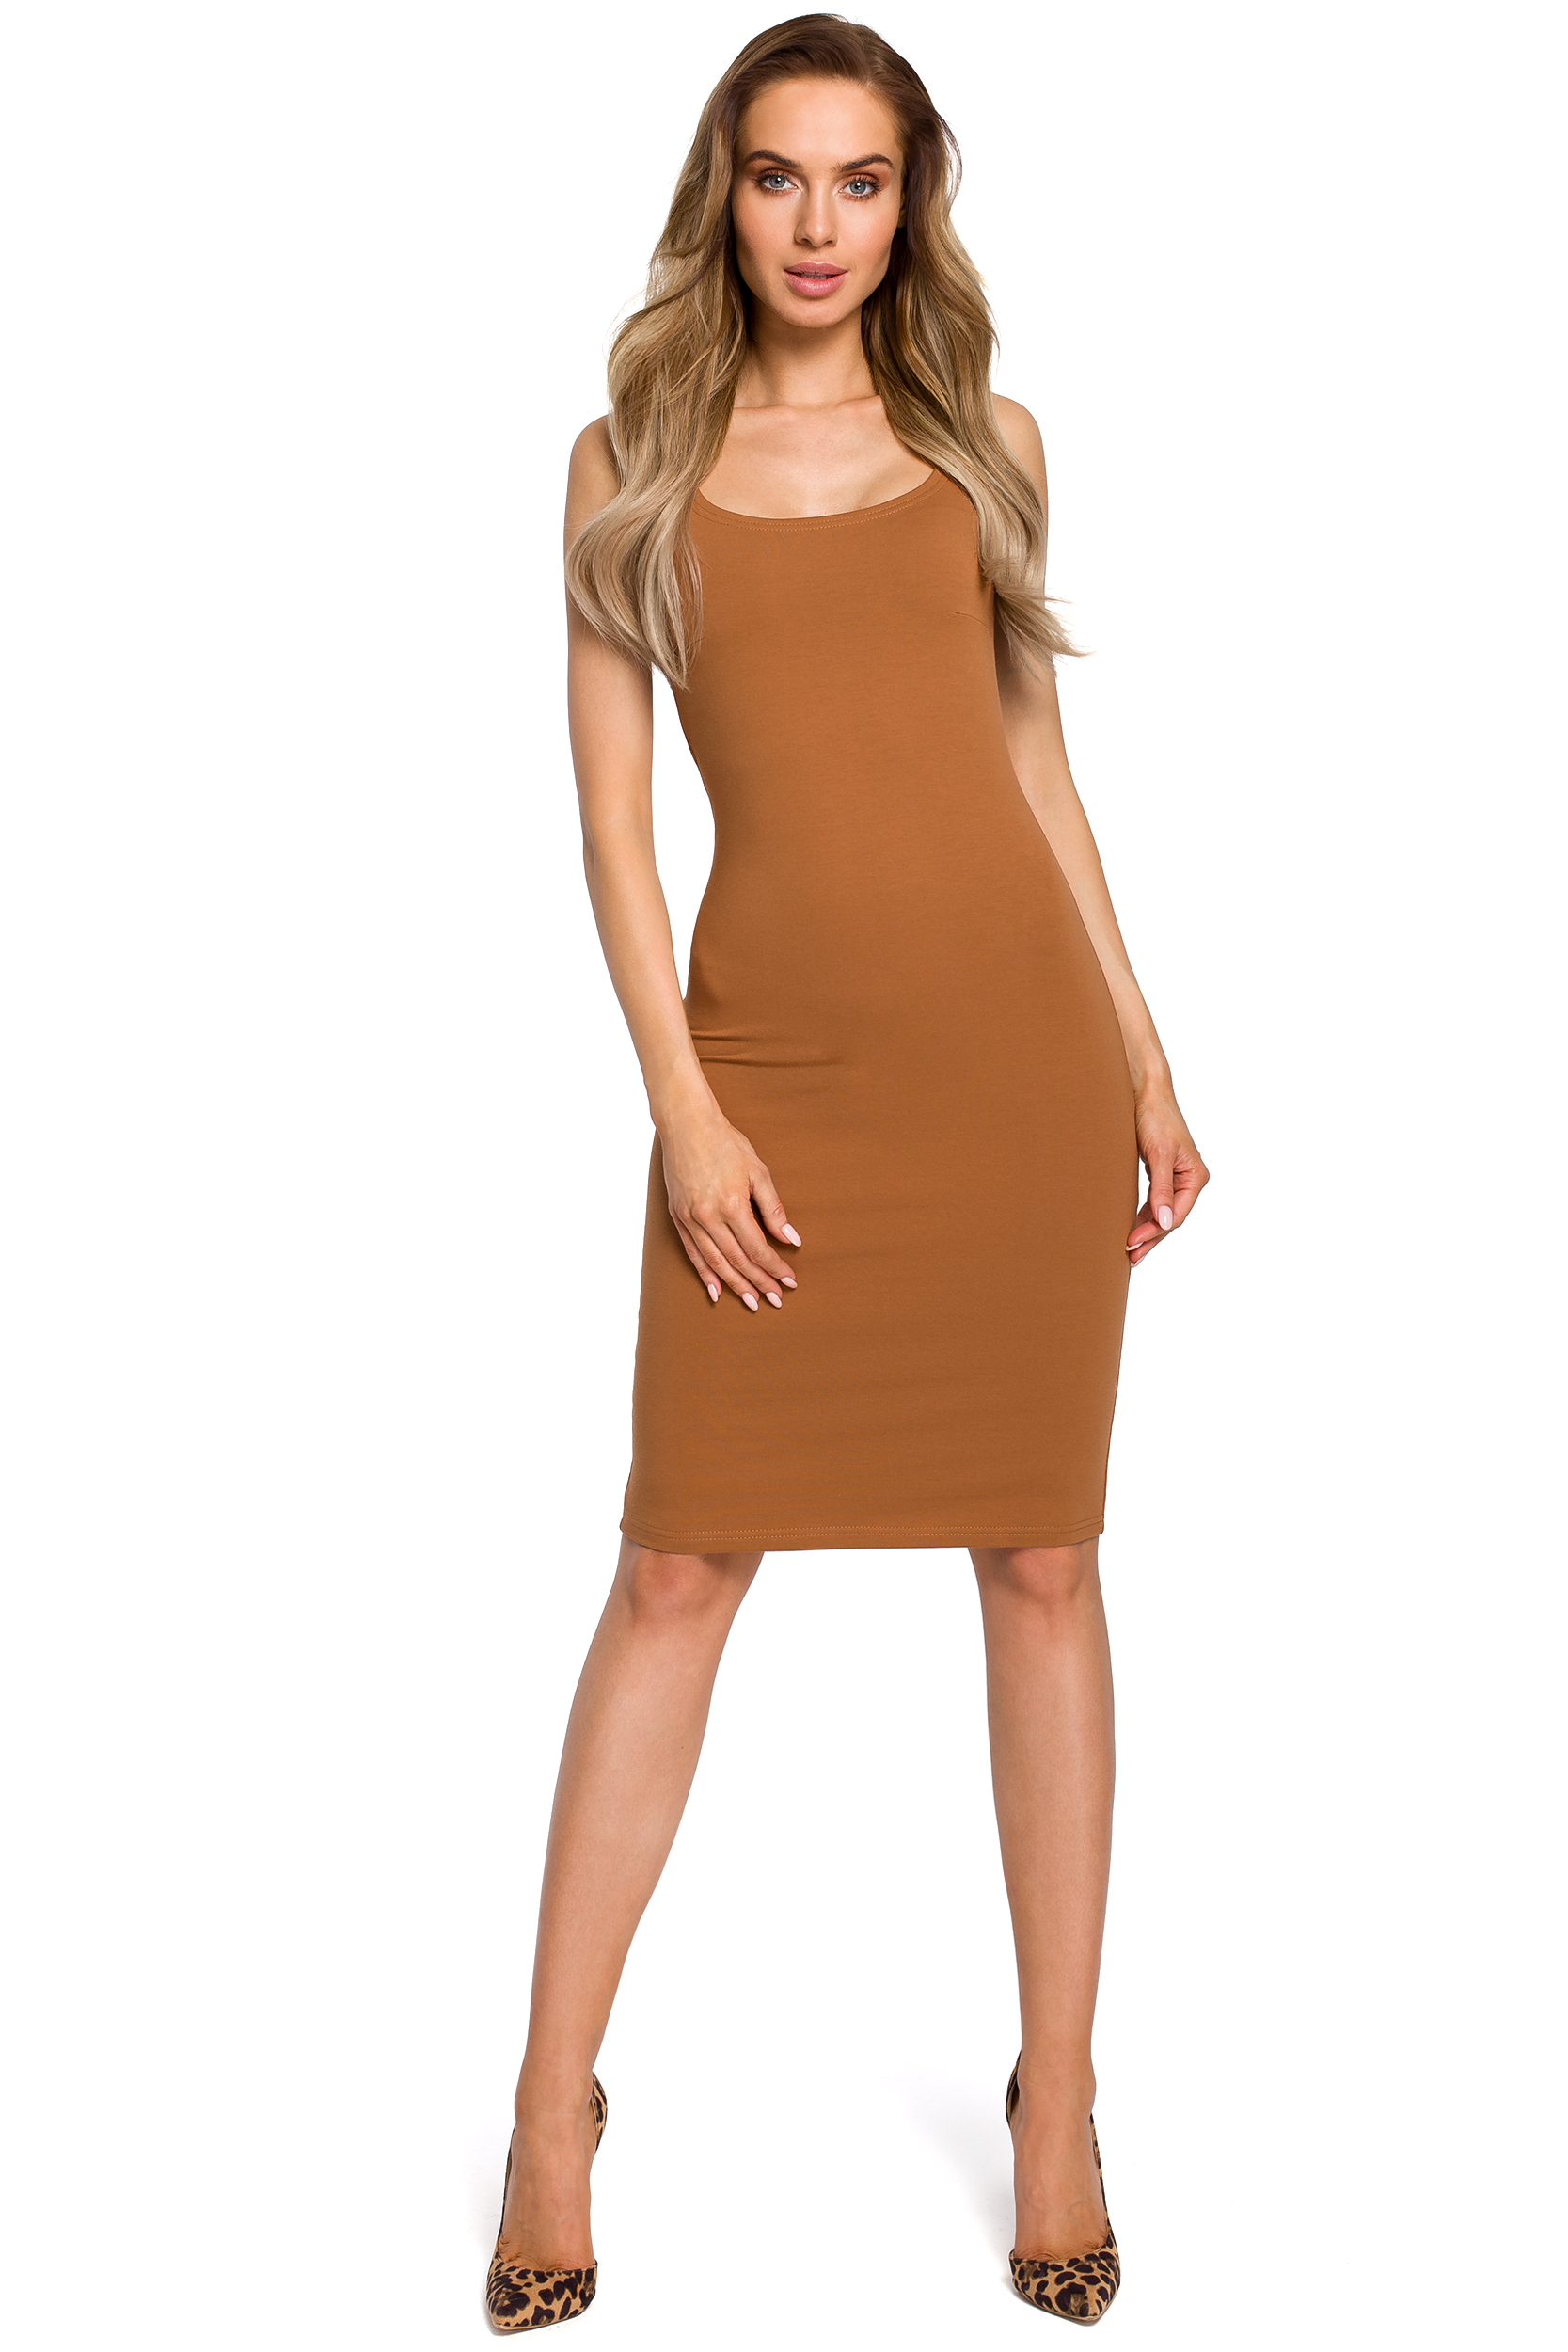 a1c4ba5d99 Sukienki. ‹ › Prosta obcisła bawełniana sukienka mini na ramiączkach  karmelowa M414 ...